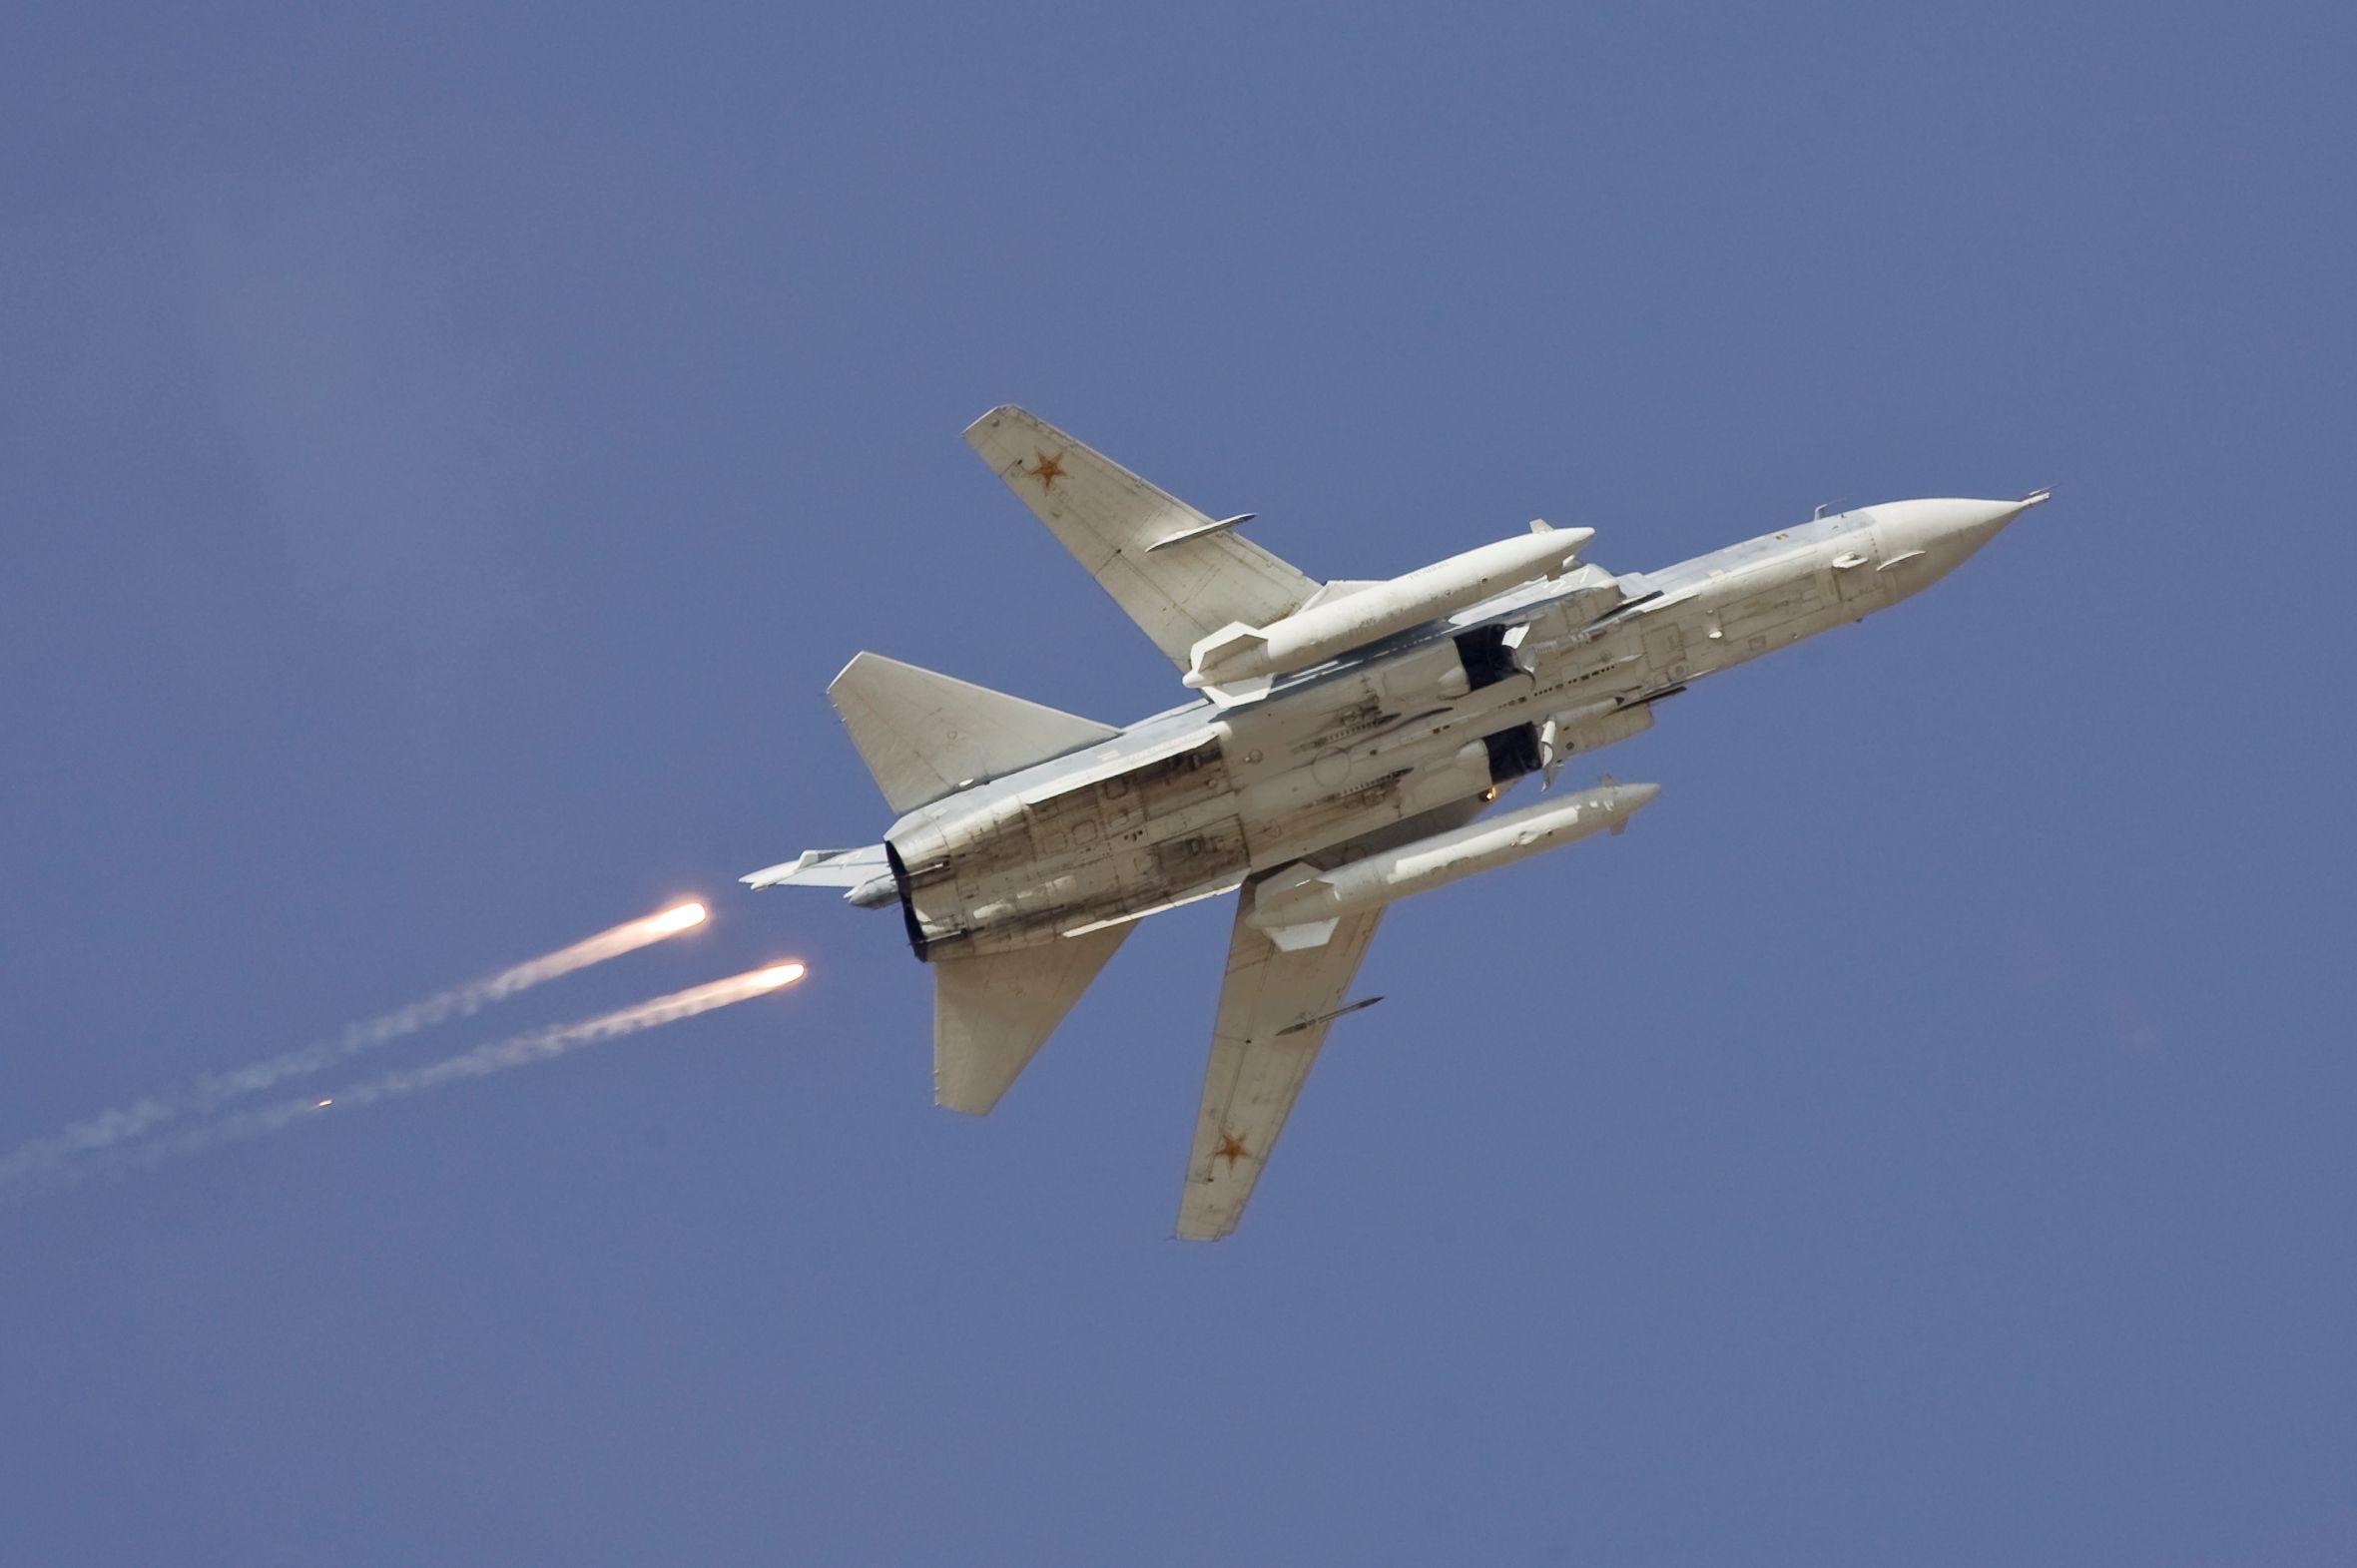 La mondialisation s'invite au Bourget :  quand le Brésil vient concurrencer la Russie et les Etats-Unis en présentant son fameux KC-390